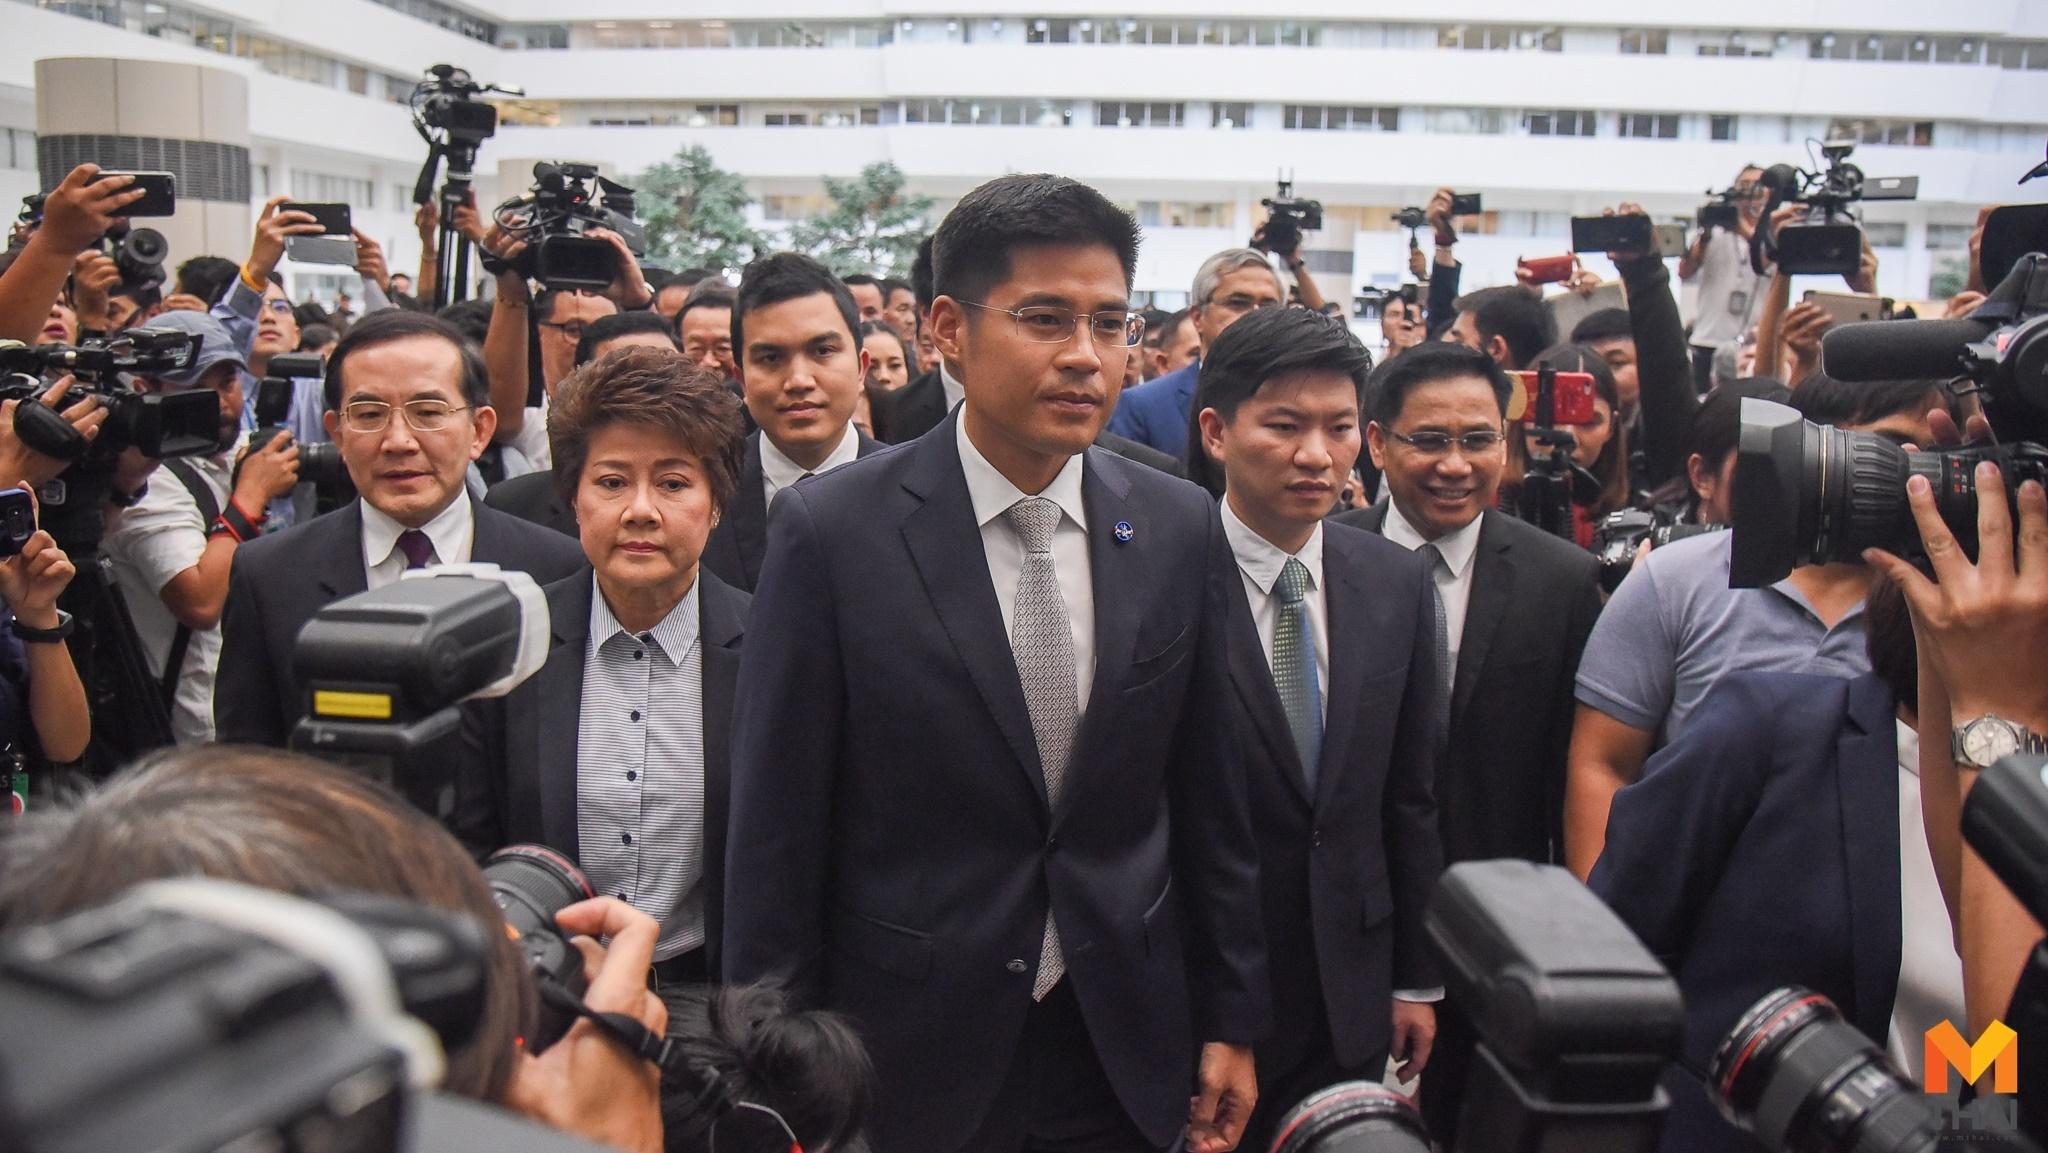 พรรคไทยรักษาชาติ ยุบพรรค ยุบพรรคไทยรักษาชาติ เลือกตั้ง62